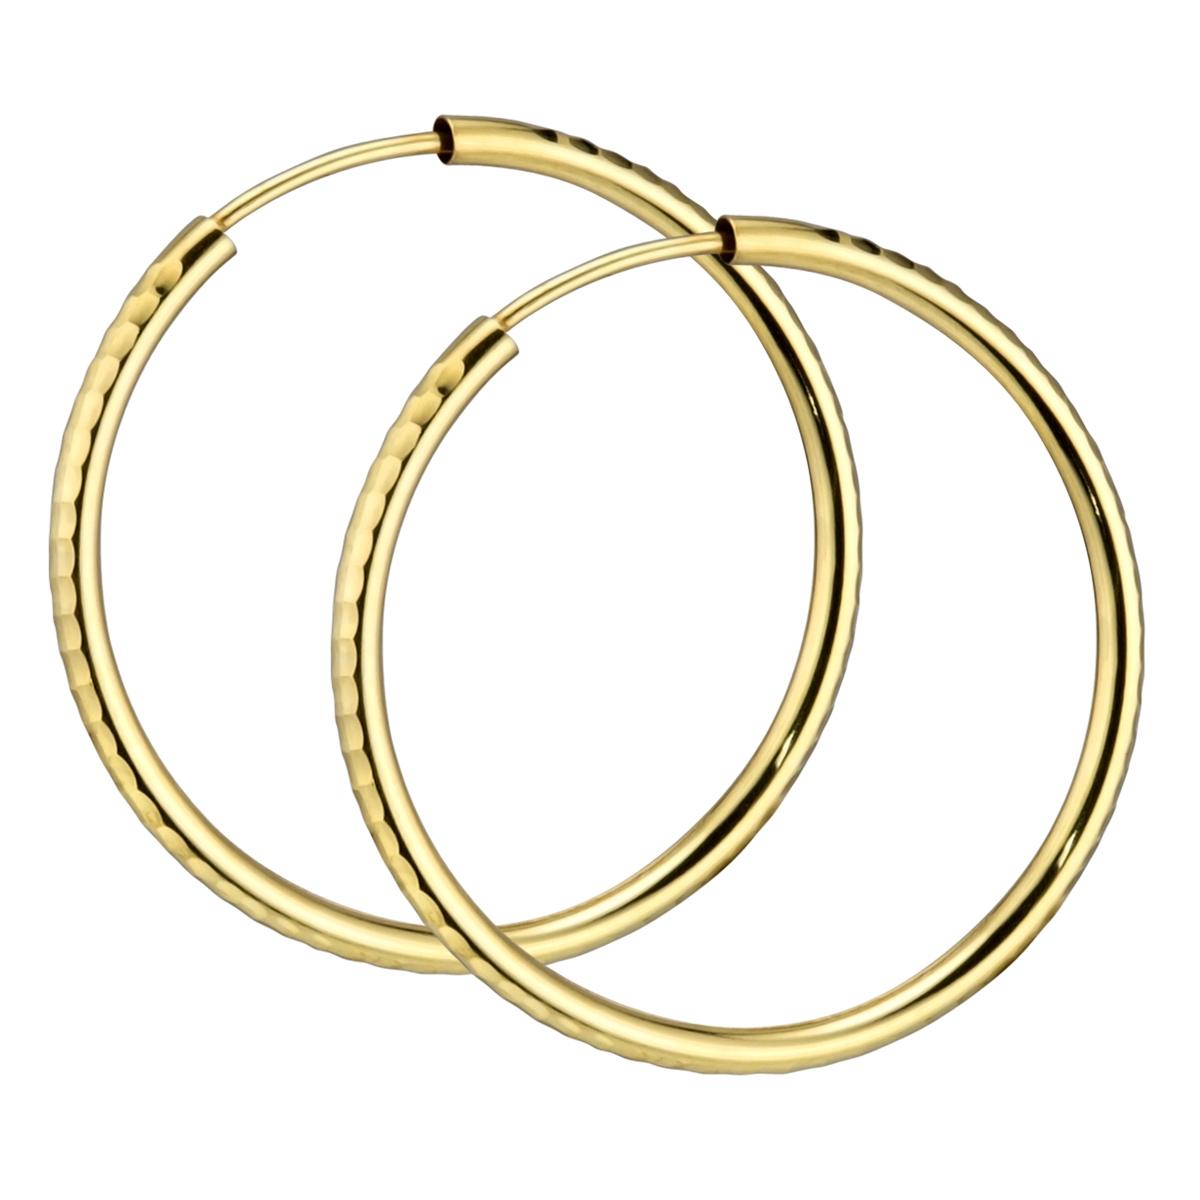 MATERIA Damen Creolen 585 Gold Ohrringe 30mm diamantiert flexibel